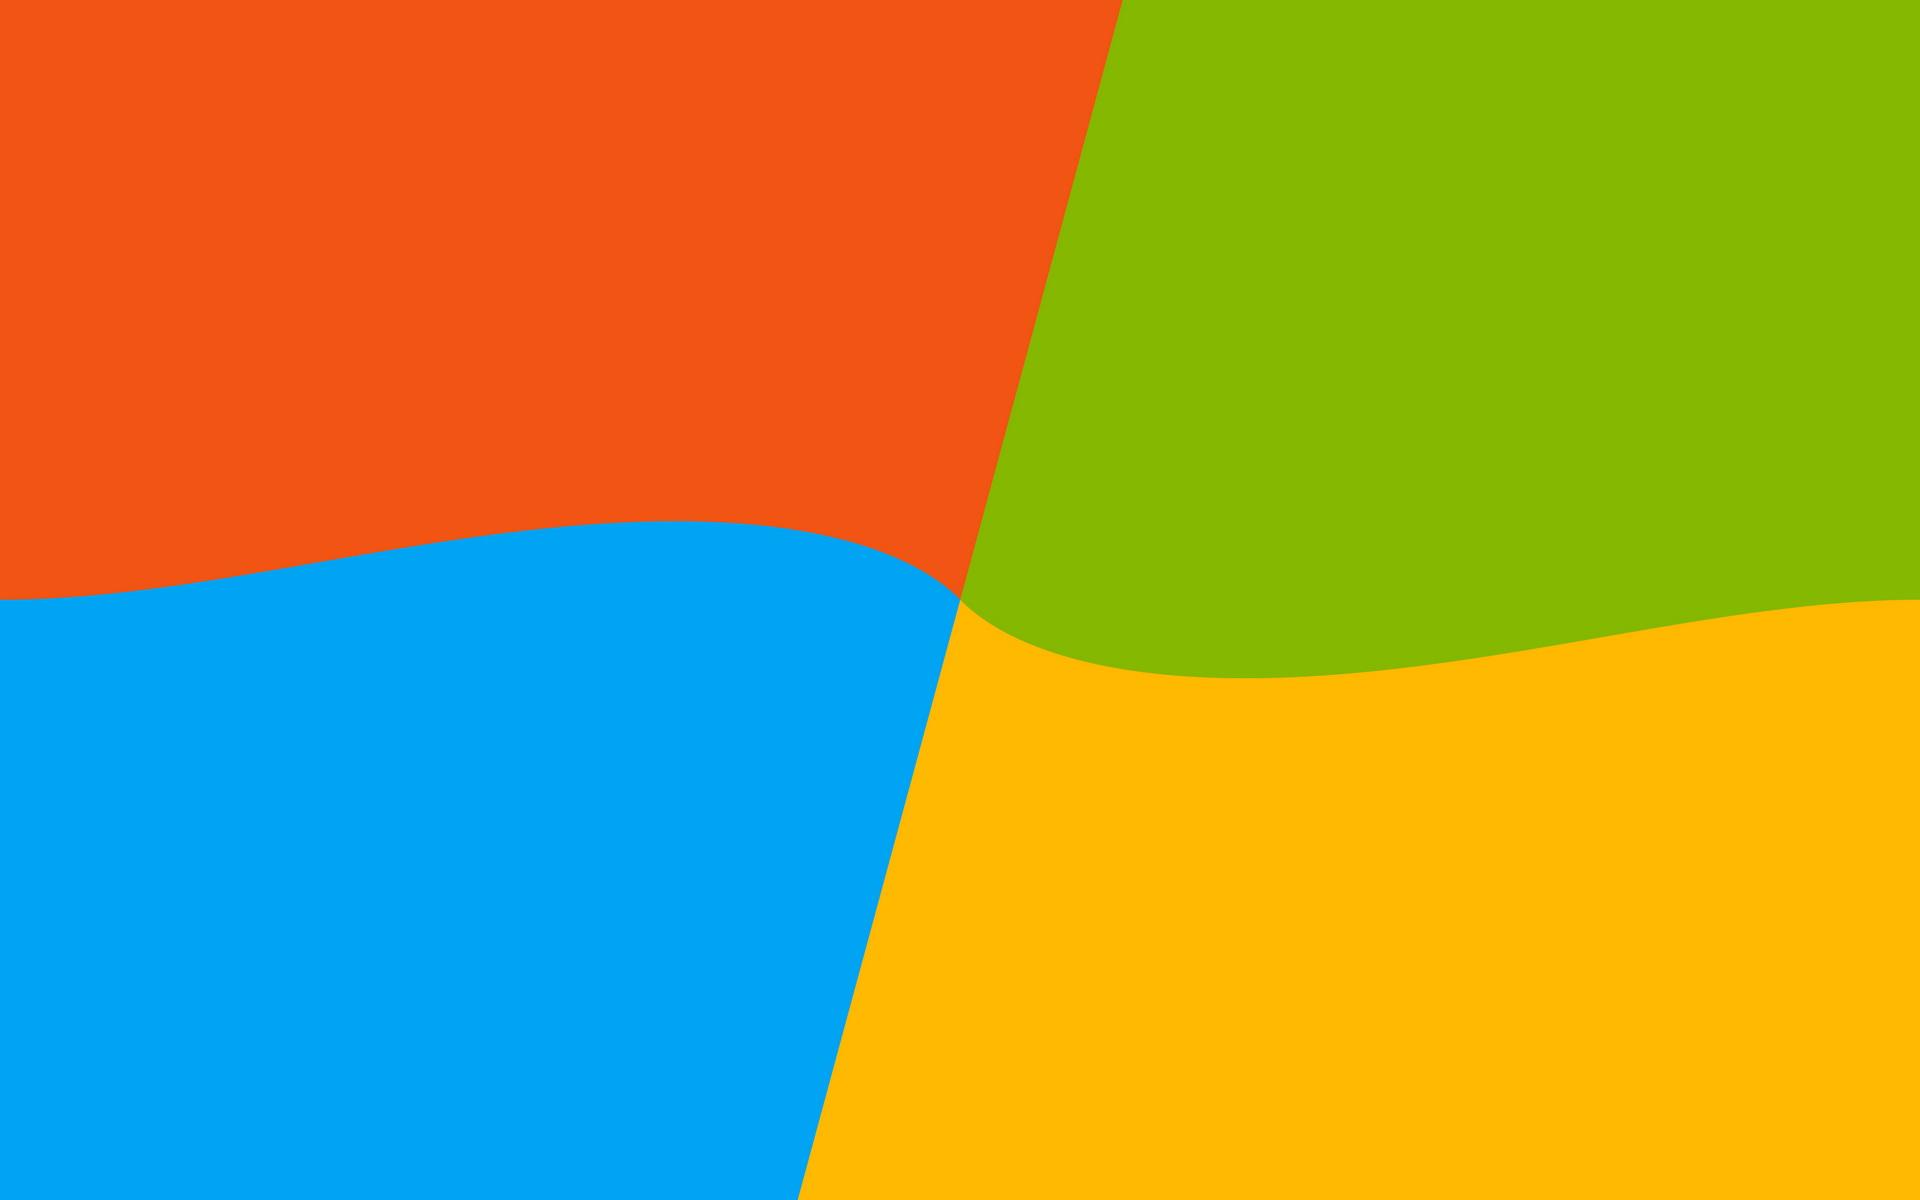 微软Windows 9宽屏壁纸图片